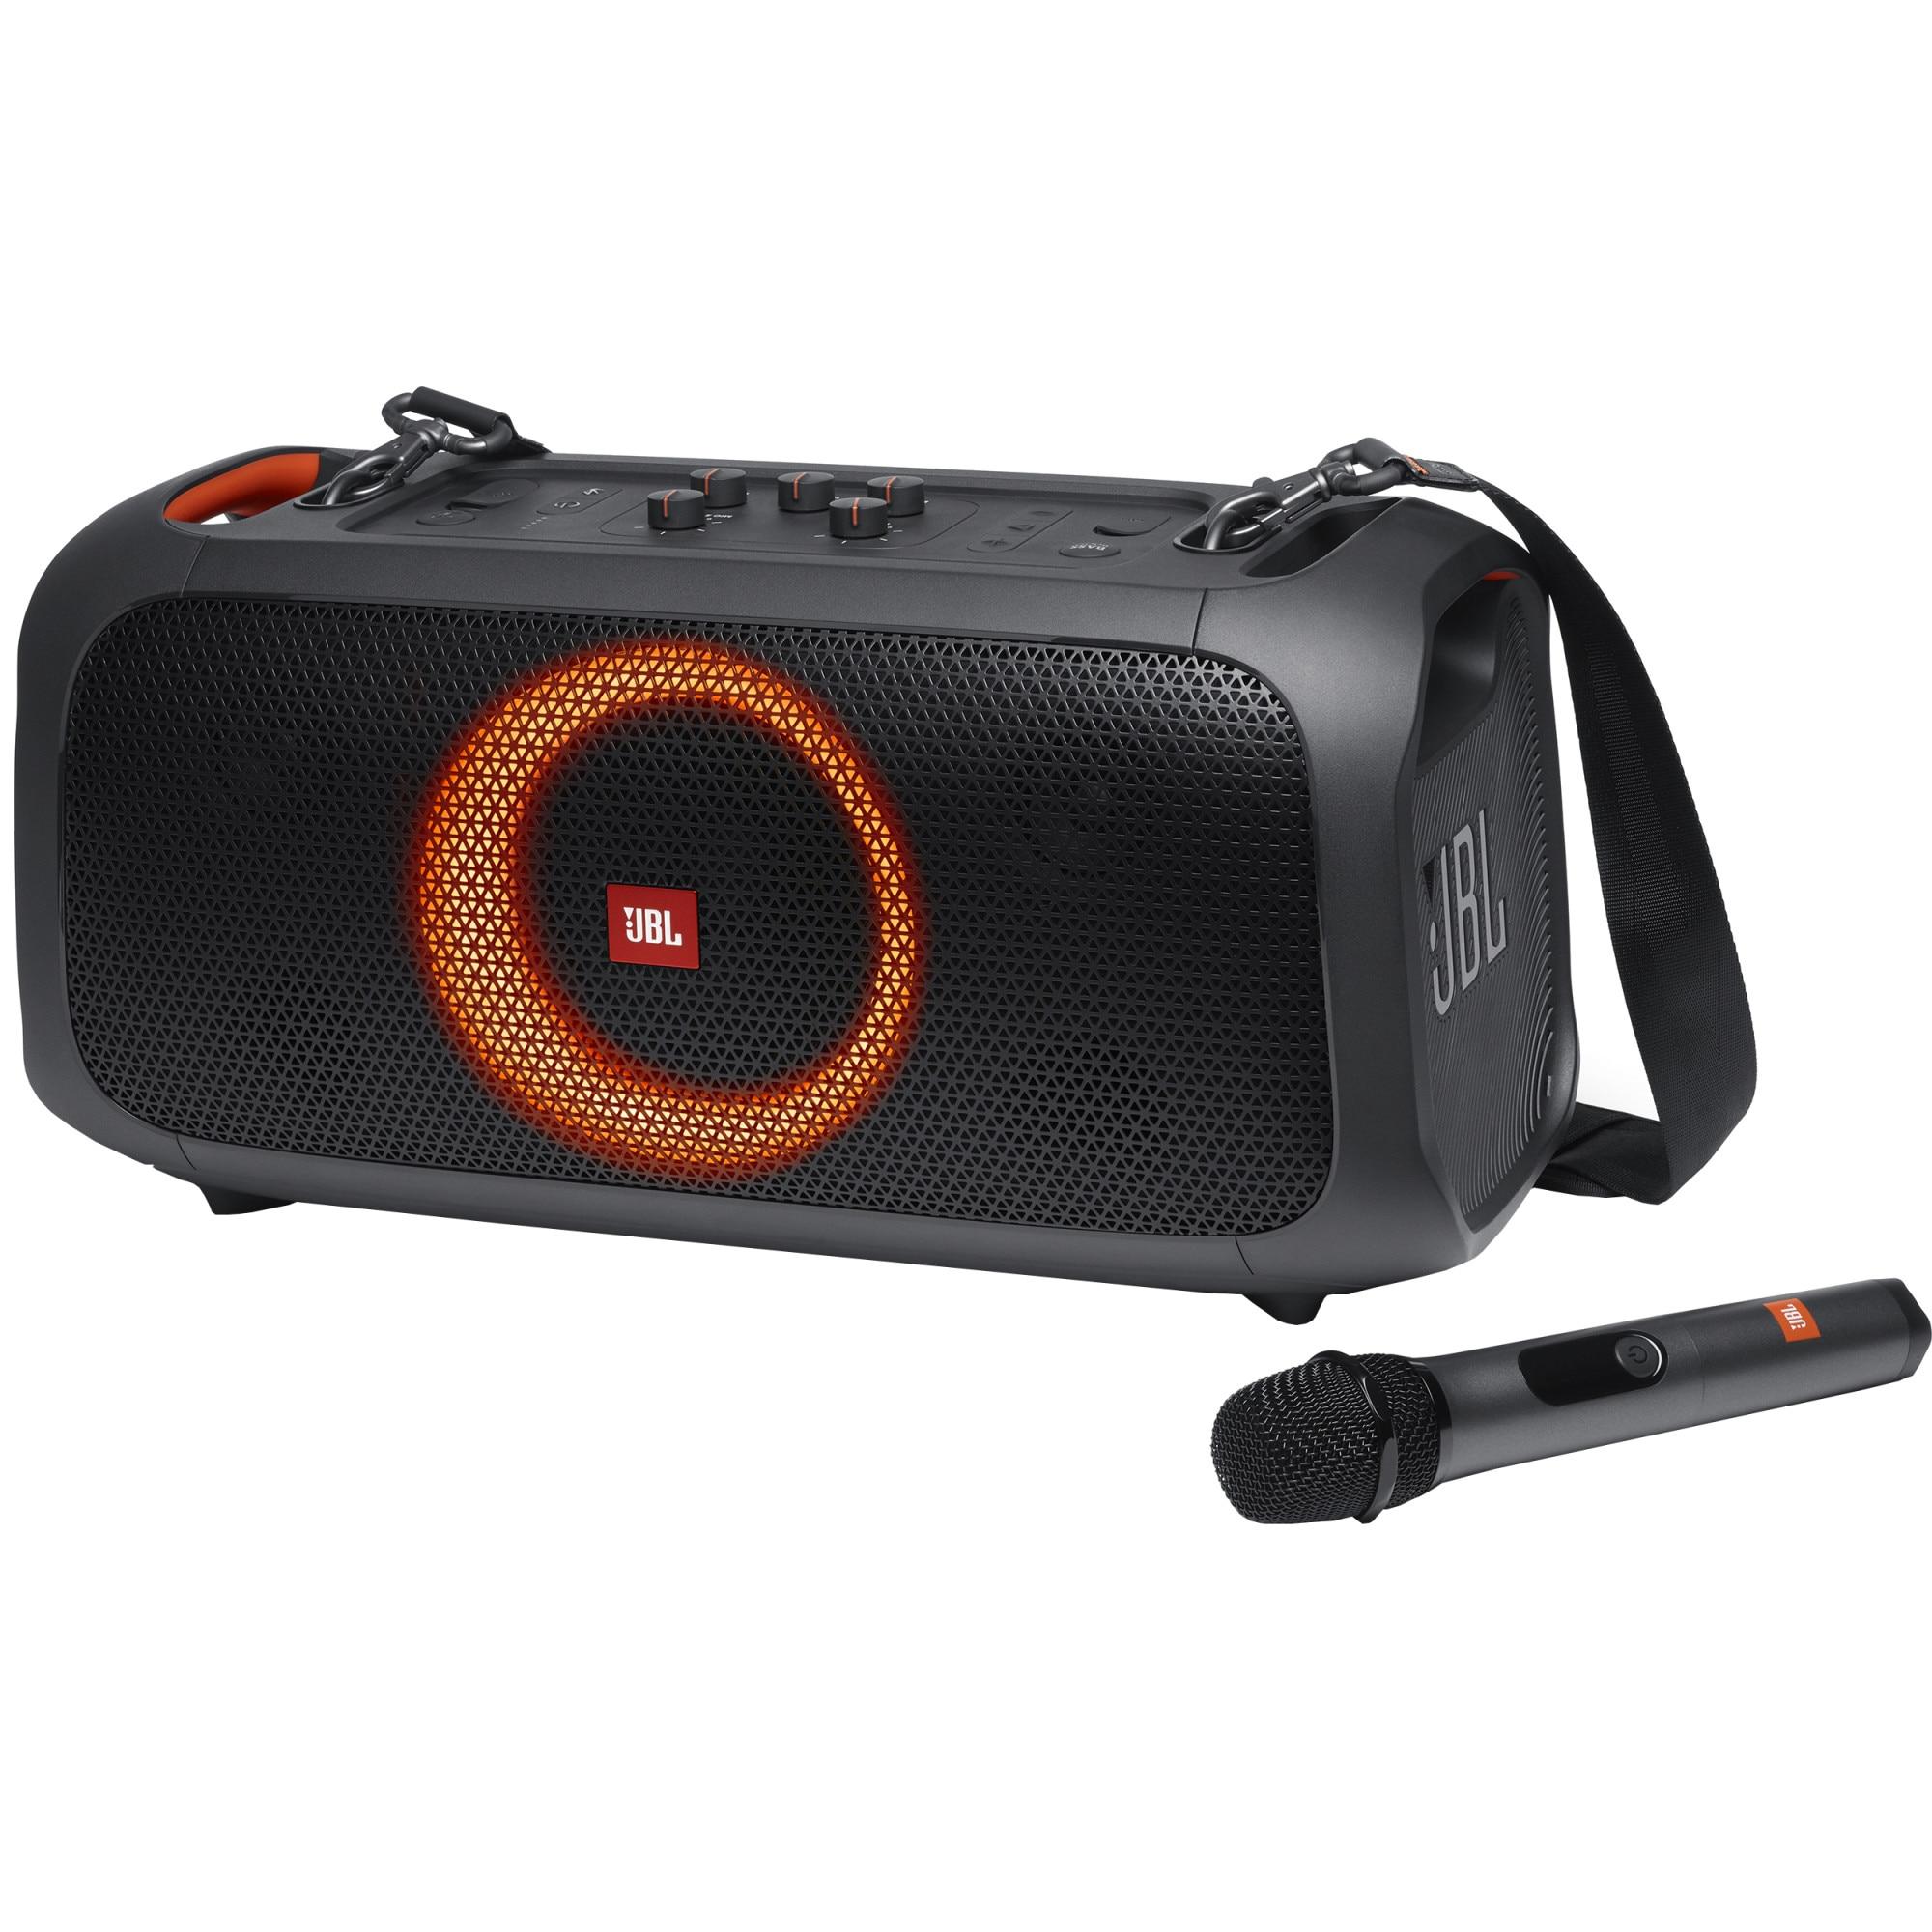 Fotografie Boxa portabila JBL PartyBox On-The-Go, 100W, Bluetooth, Microfon Wireless, USB, IPX4, Light Show, Plug-n-play, Negru